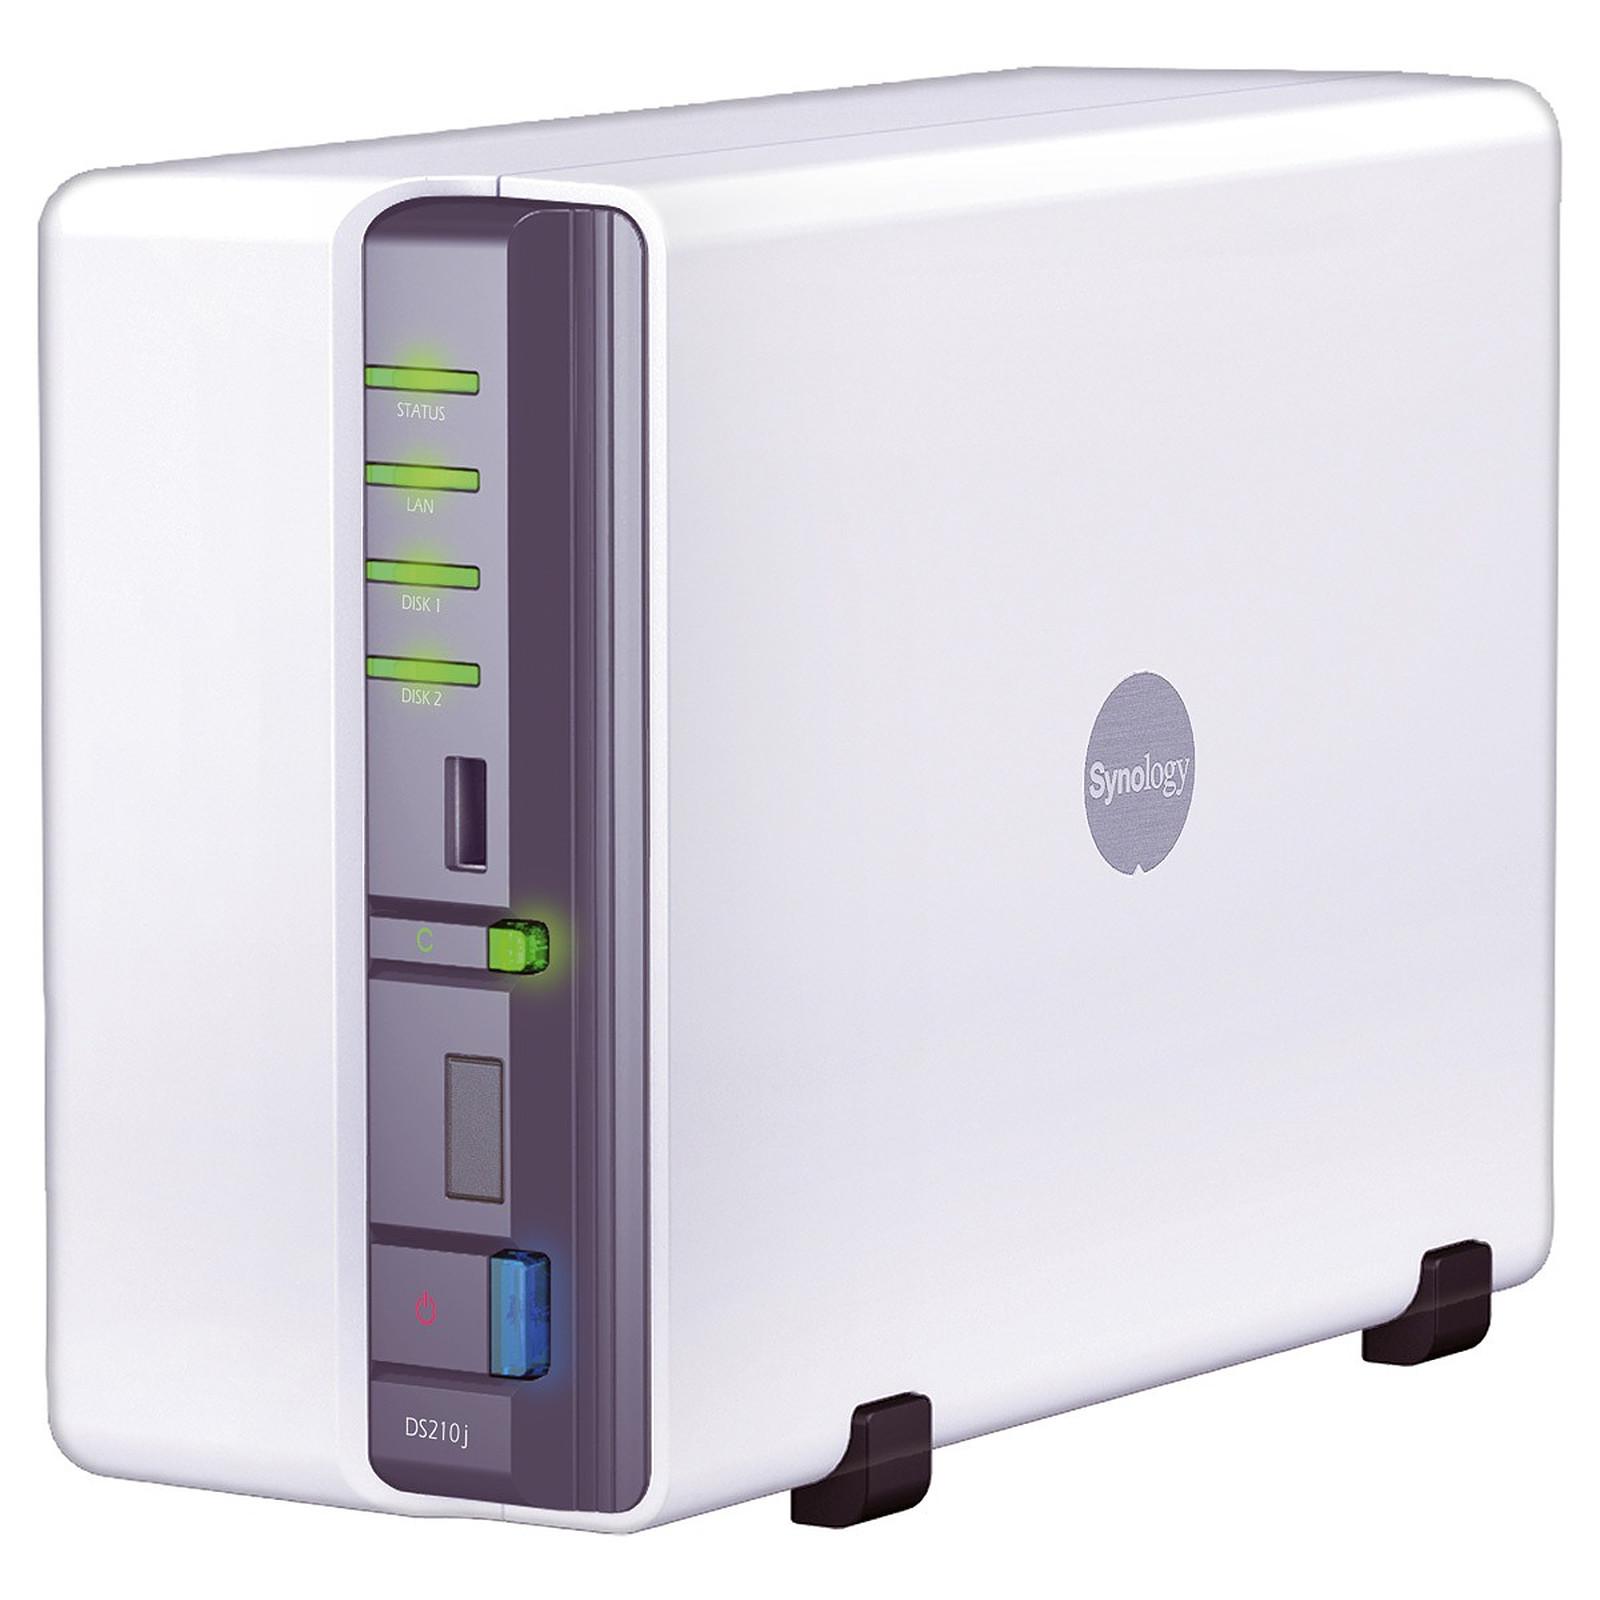 Synology Disk Station DS-210j